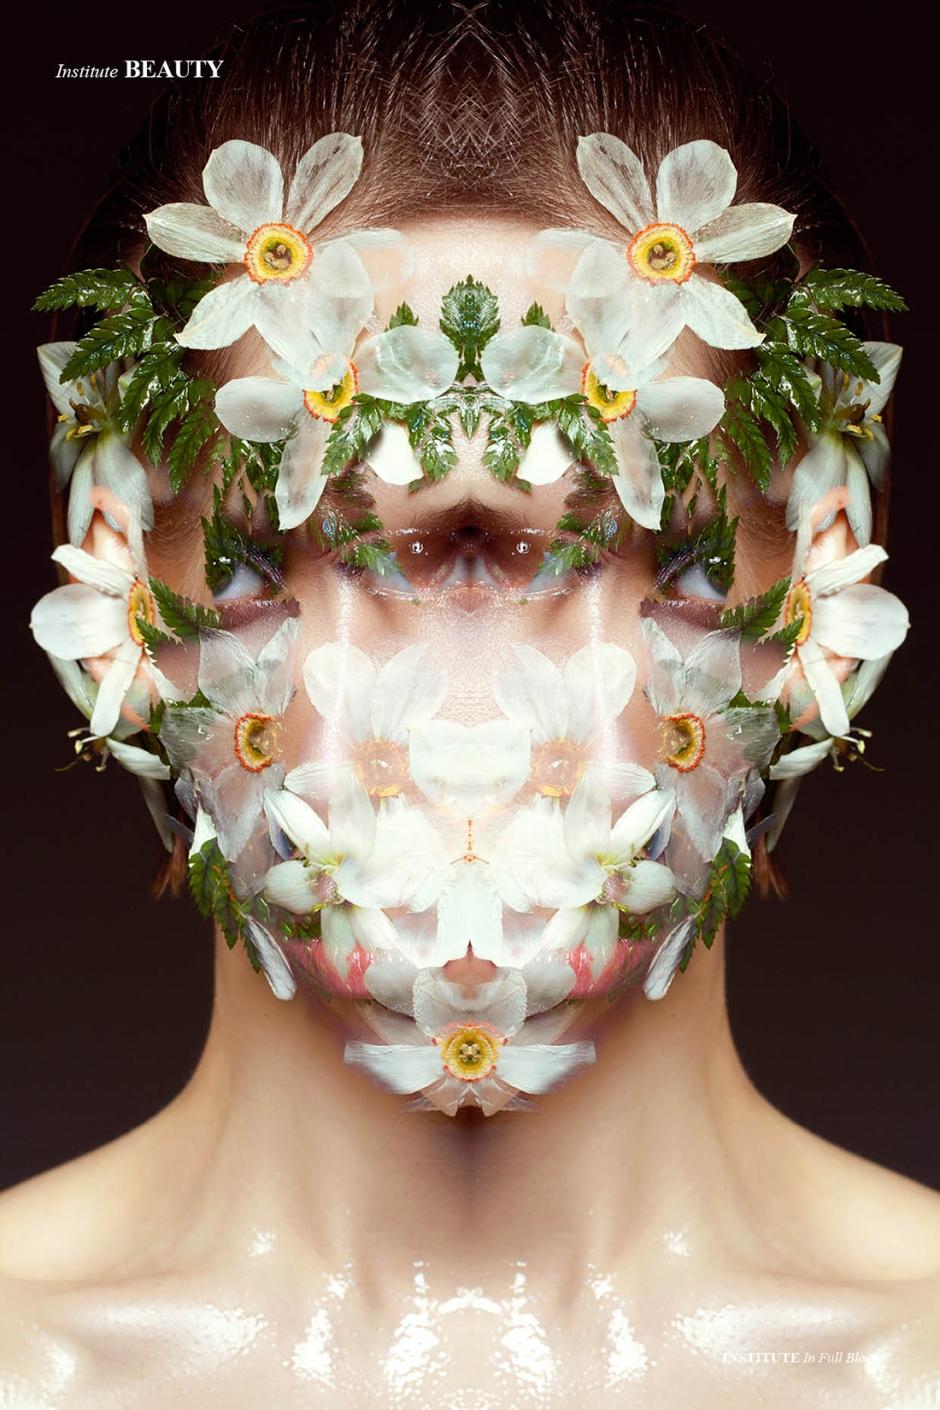 In Full Bloom6